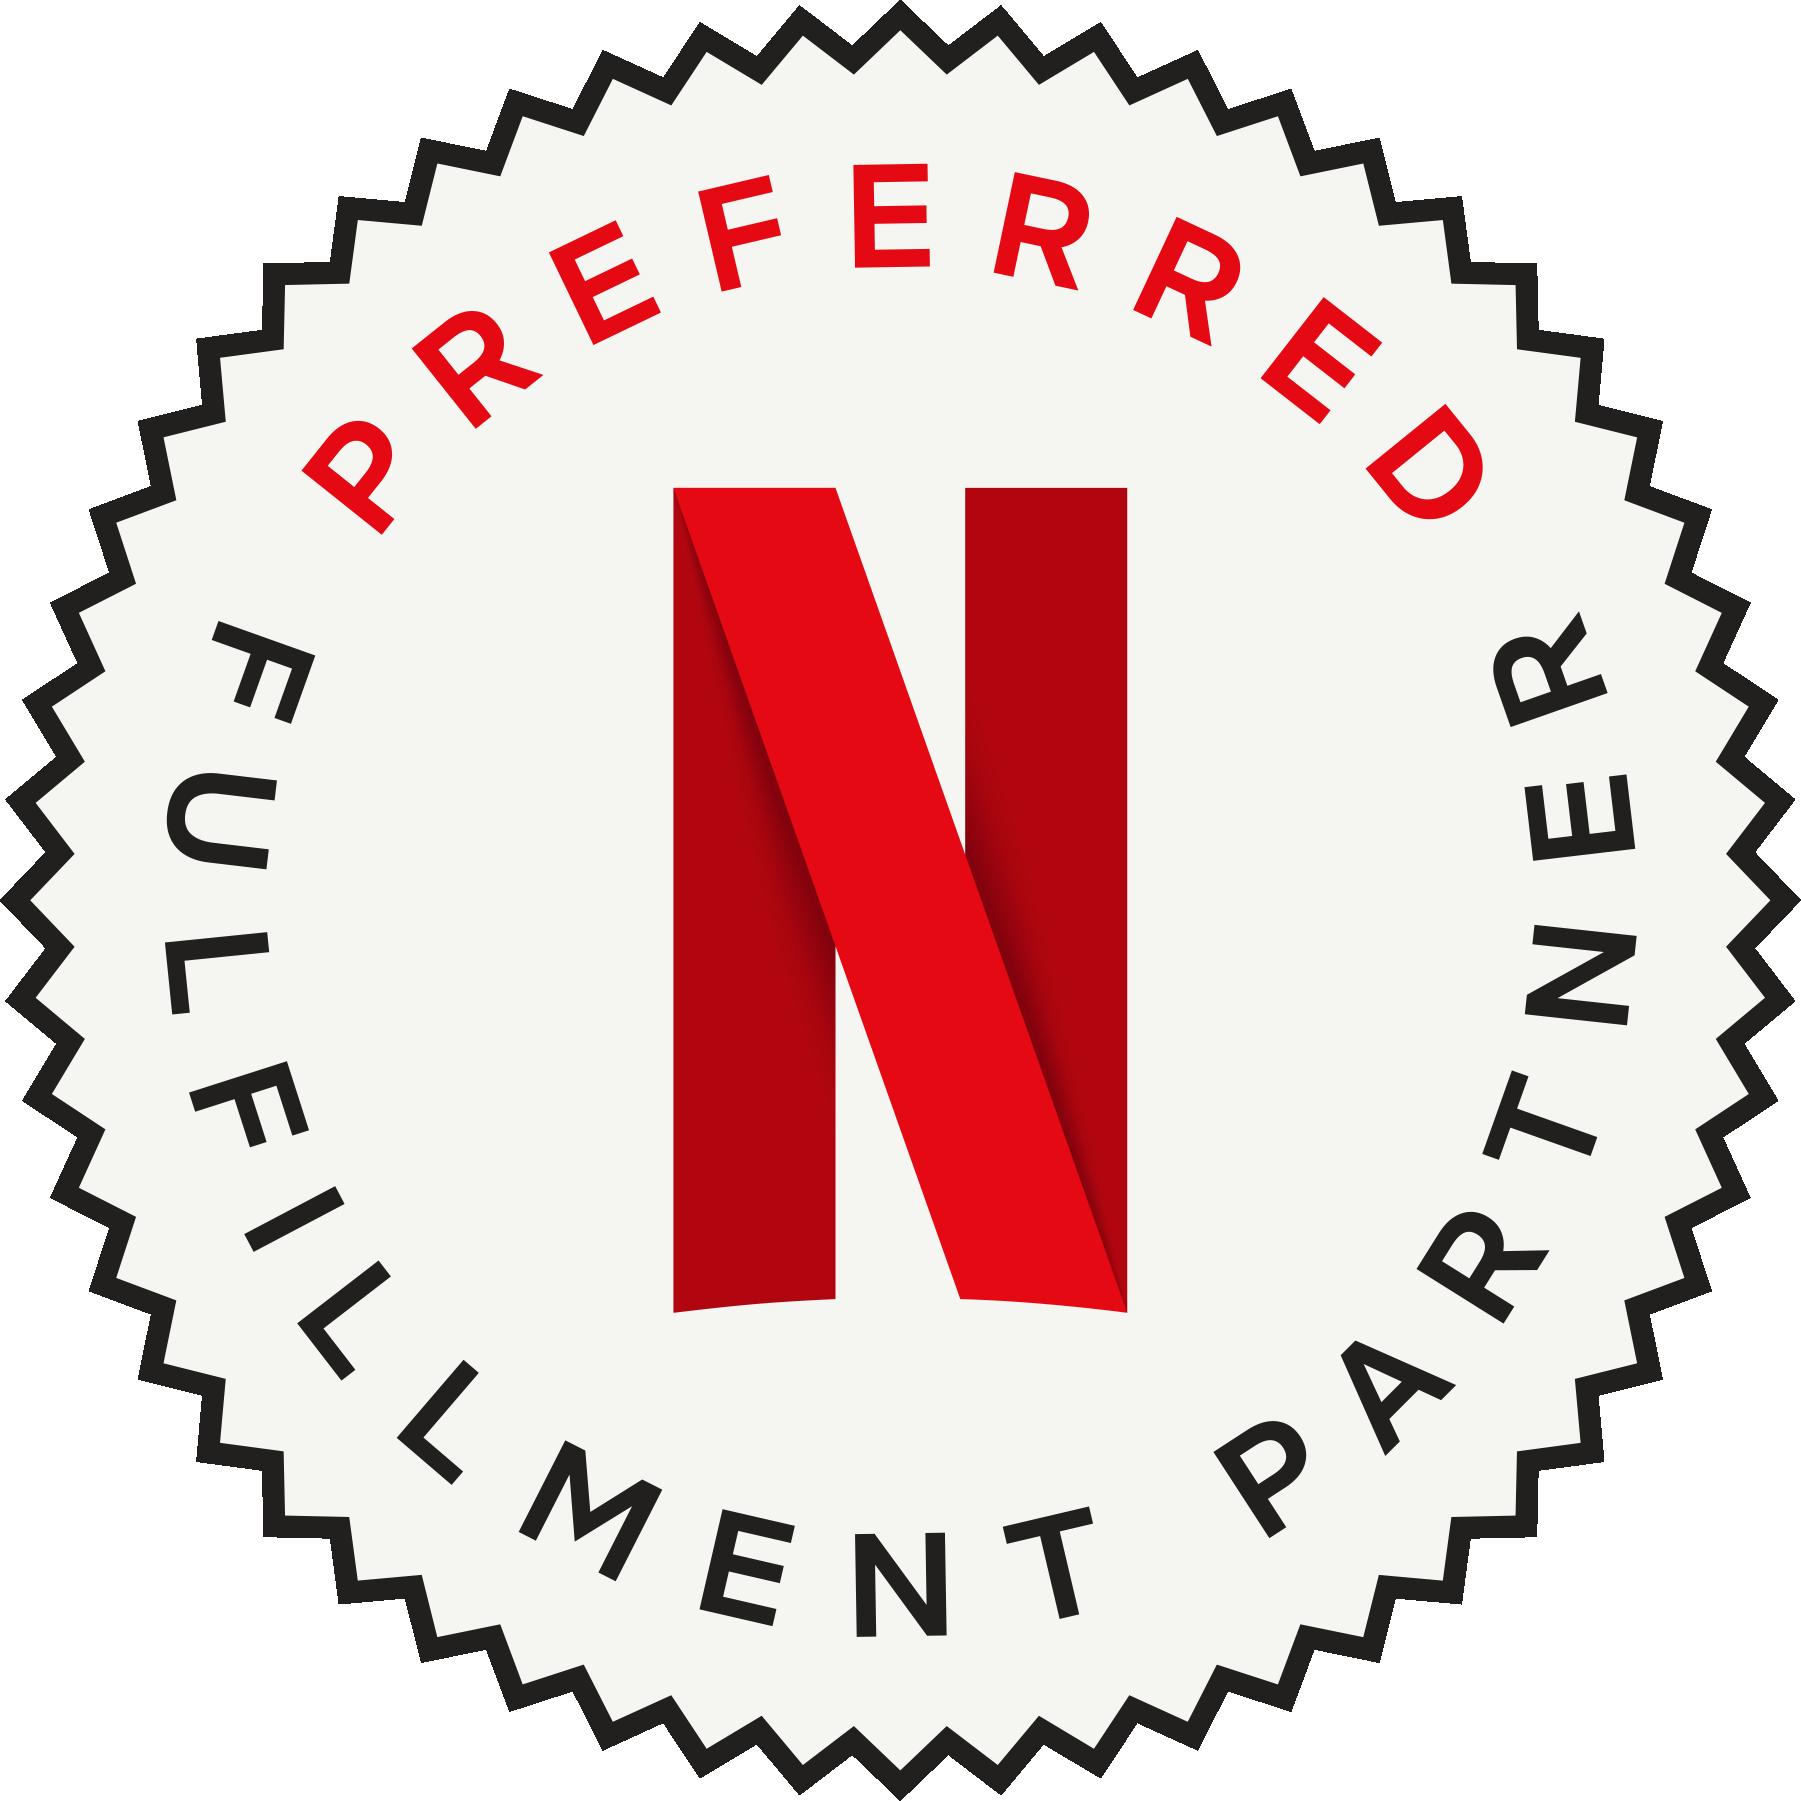 Netflix Preferred Partner logo